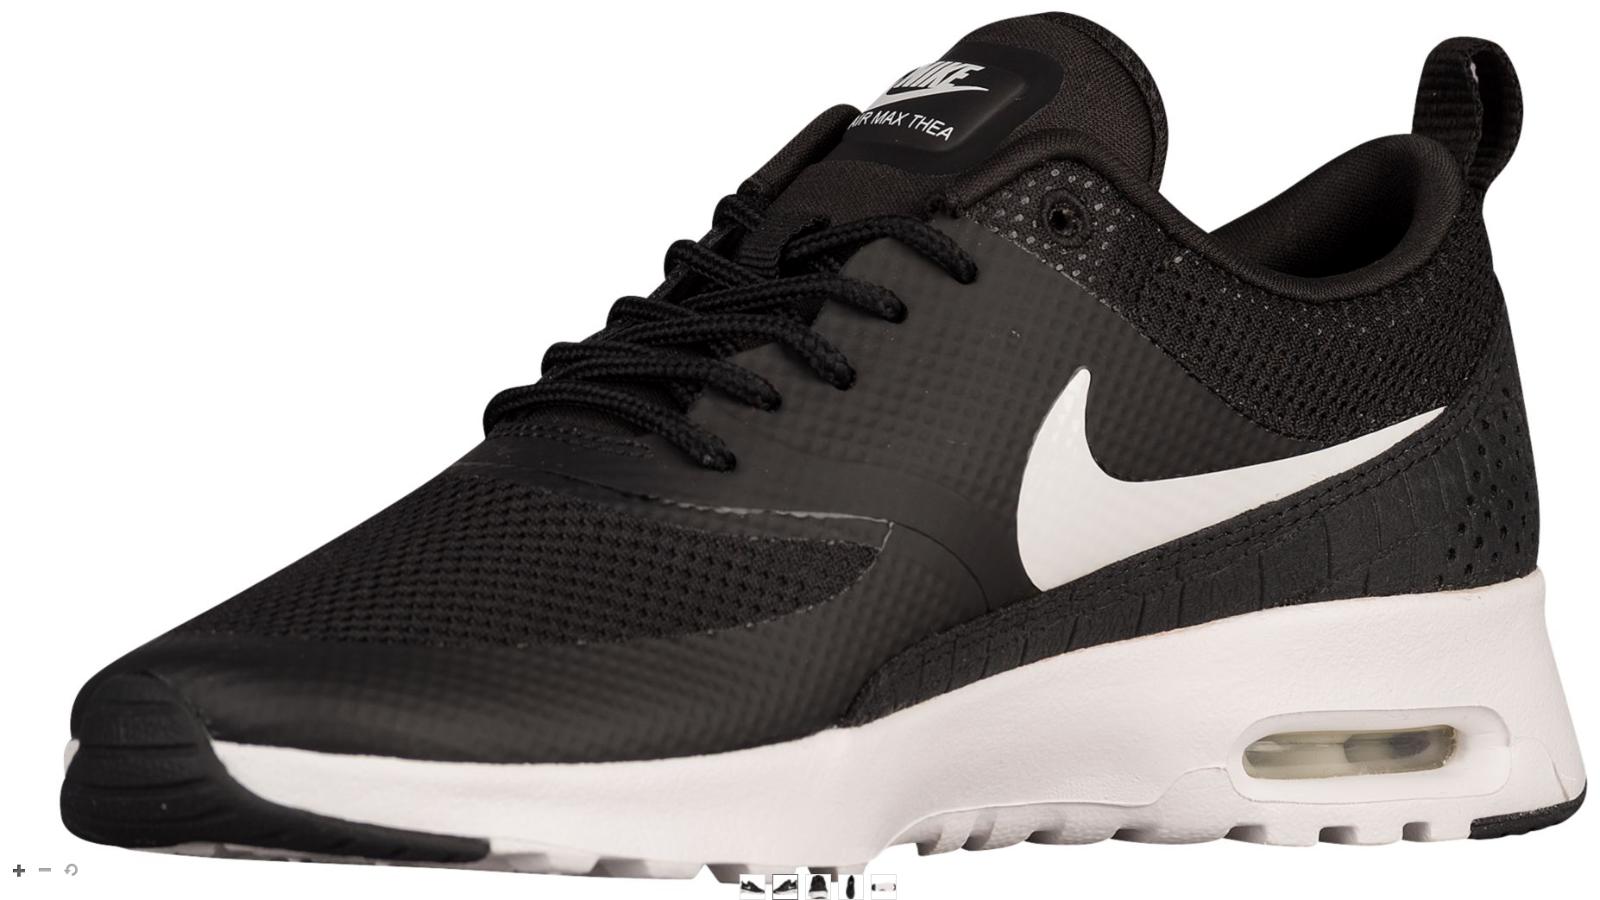 Neuer Air Frauen Nike Air Neuer Max Thea Schuh Größe:12 Farbe: Schwarz/Weiß 528e07